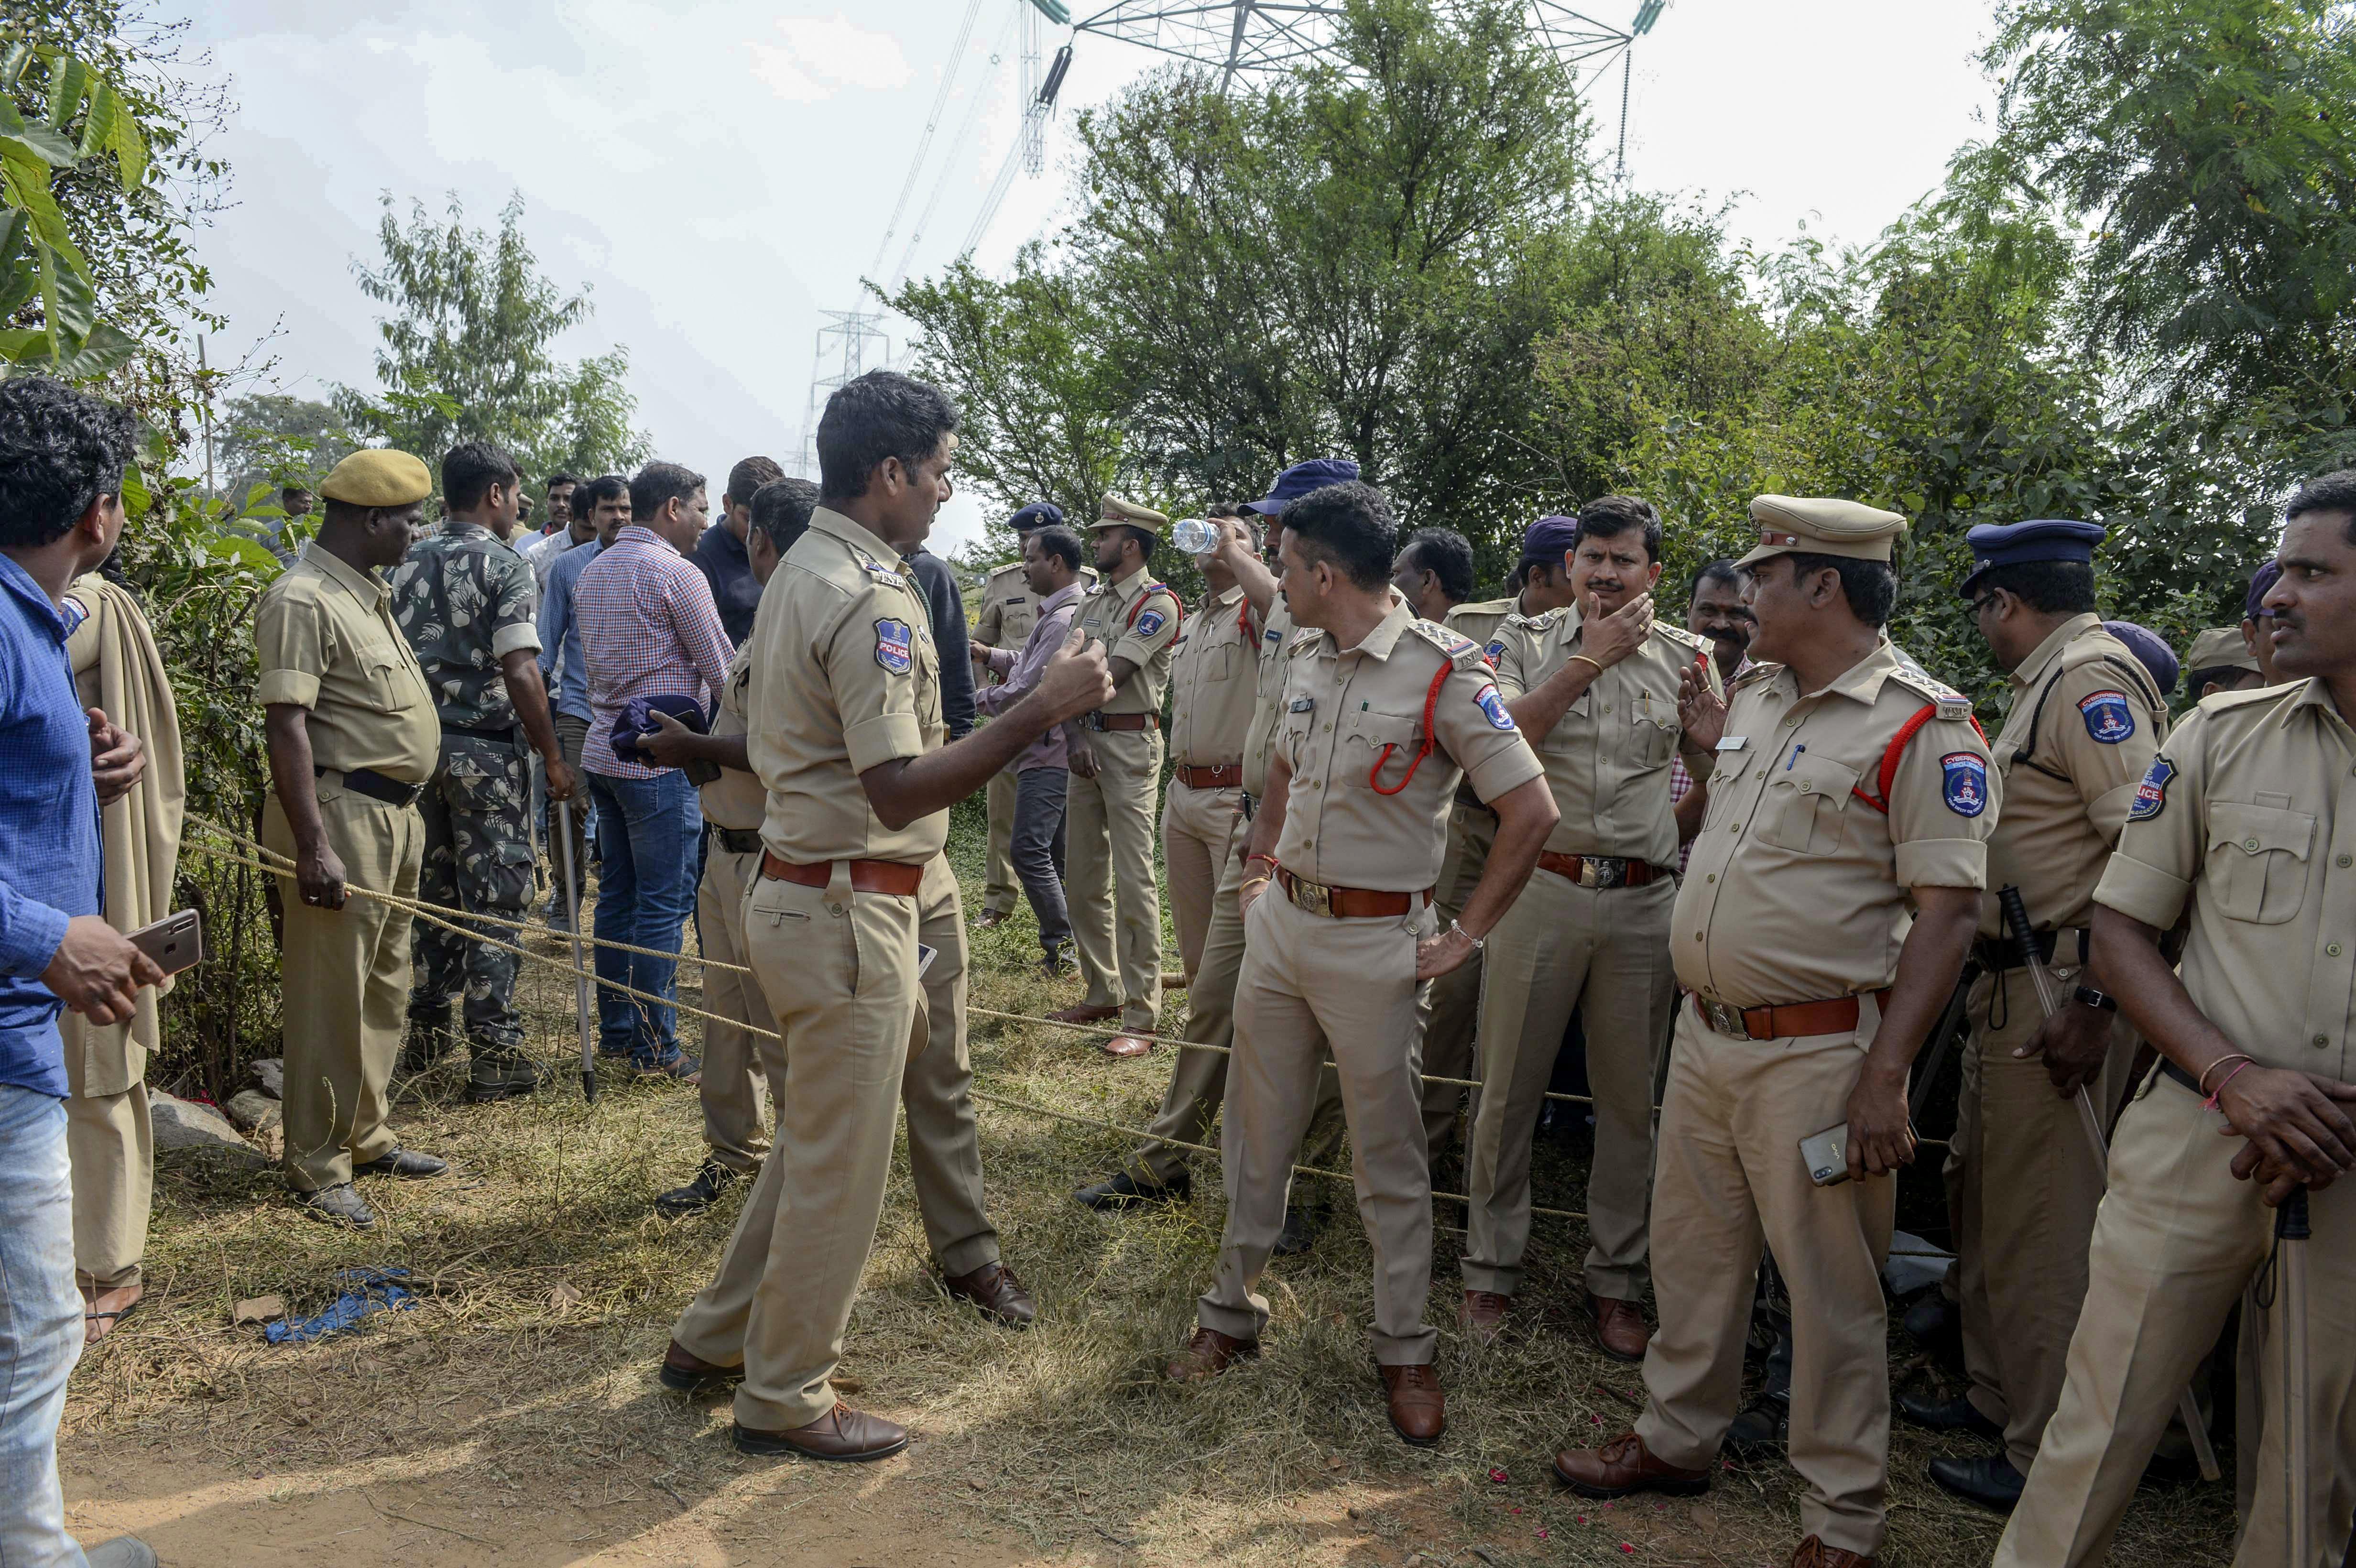 Agyonlőtték az indiai rendőrök egy csoportos erőszak őrizetben lévő gyanúsítottjait